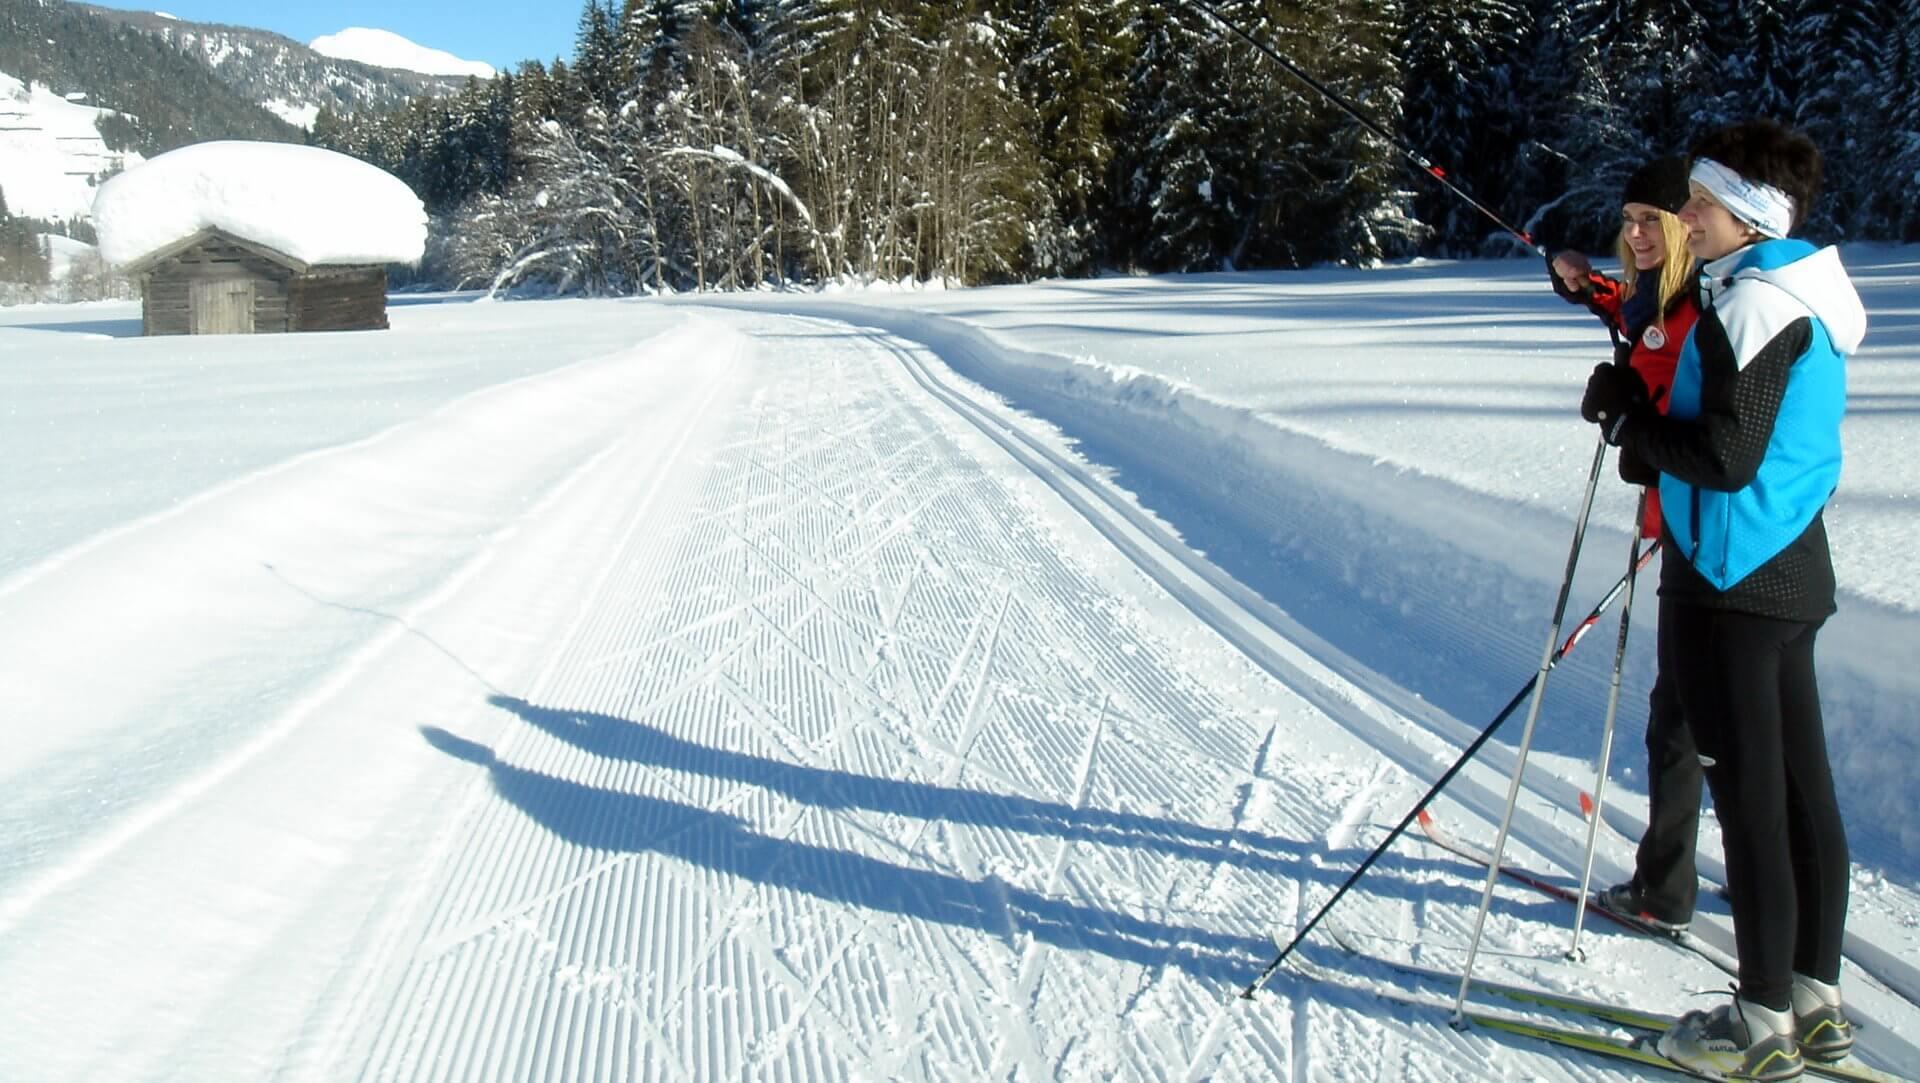 Skitouren in Lesachtal - Beschaulich und naturbelassen   © TVB Hochpustertal